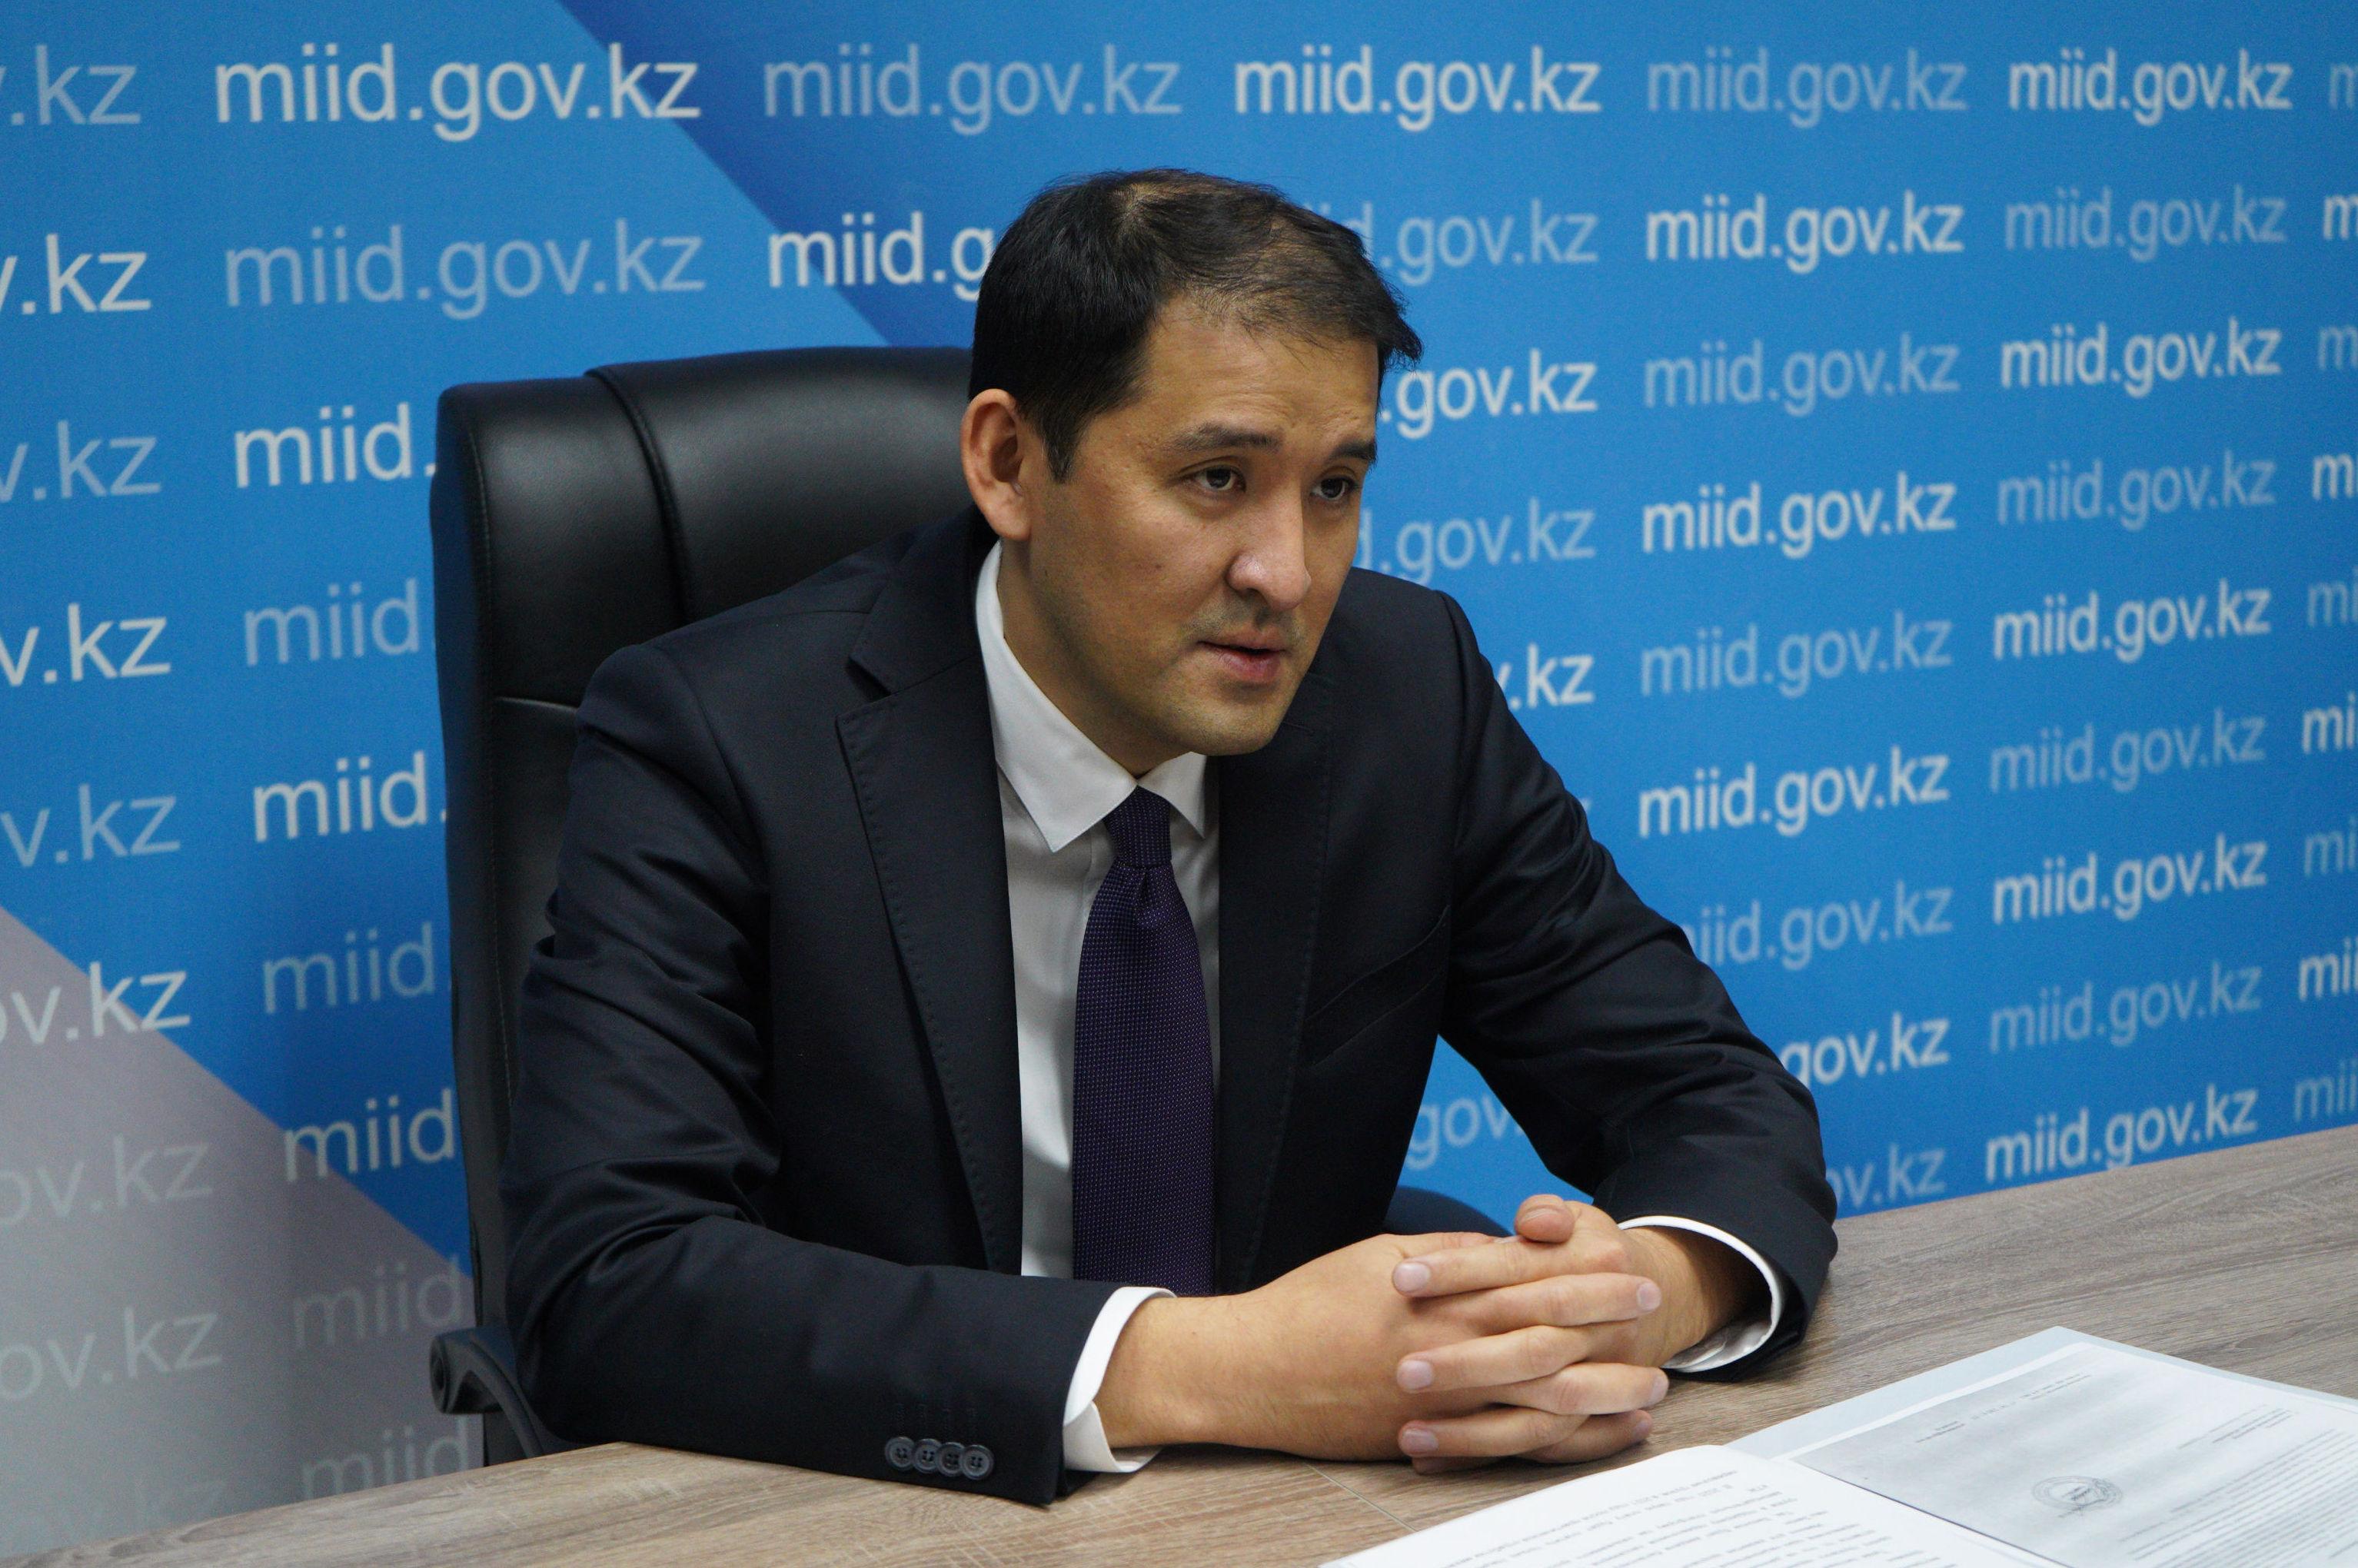 Заместитель председателя комитета транспорта МИИР Казахстана Жанибек Тайжанов